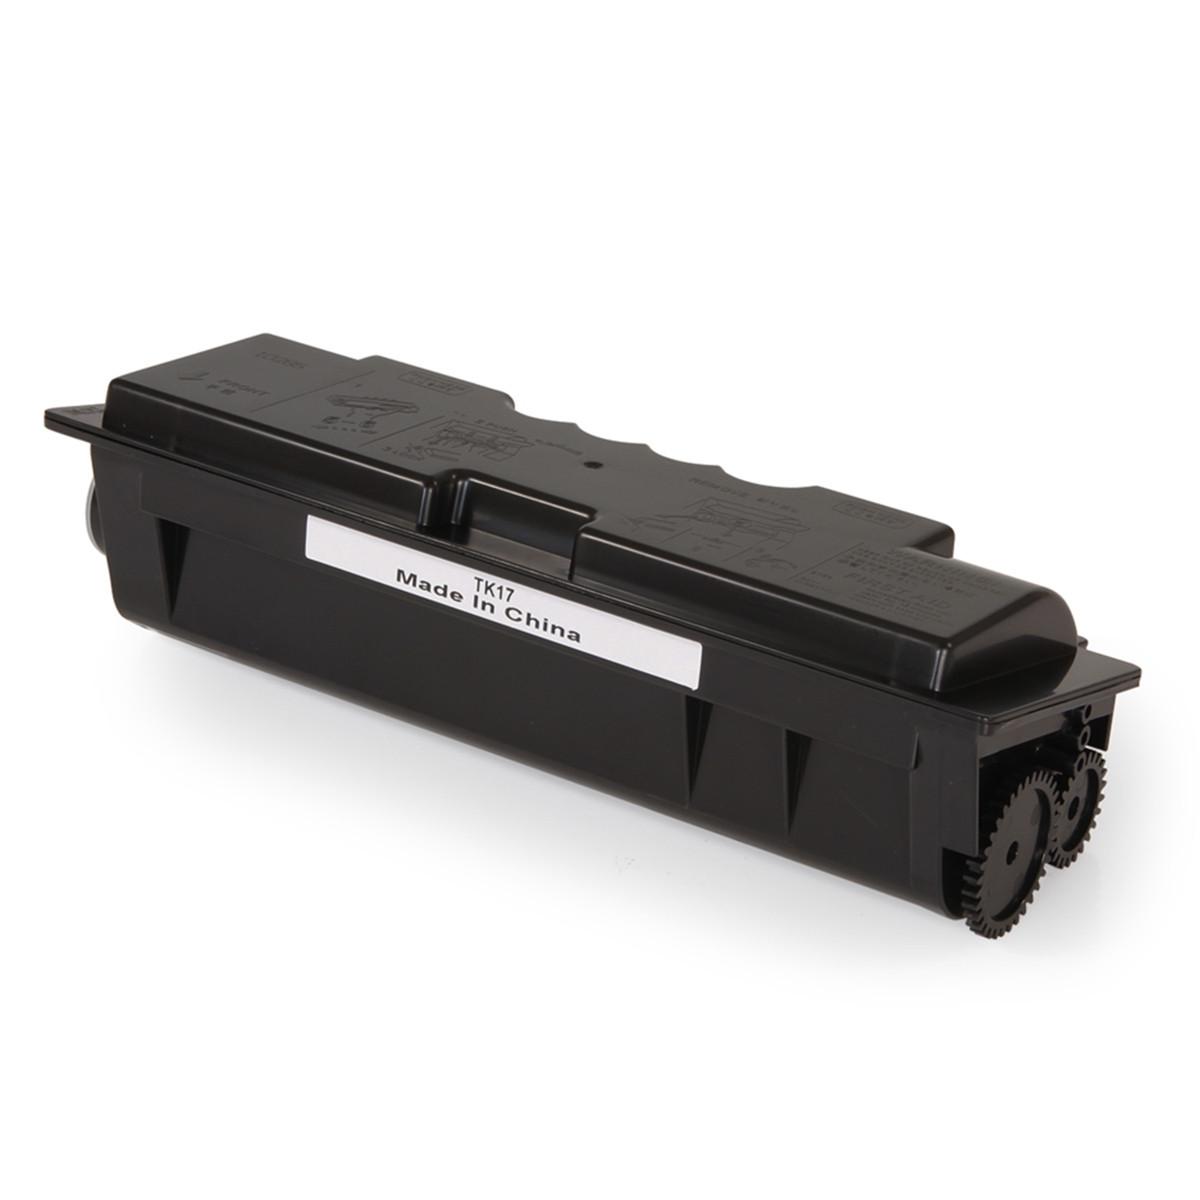 Toner Kyocera TK17 TK18 TK100 FS1018MFP FS1118D KM1500 KM1500LA | Katun Acess 295g